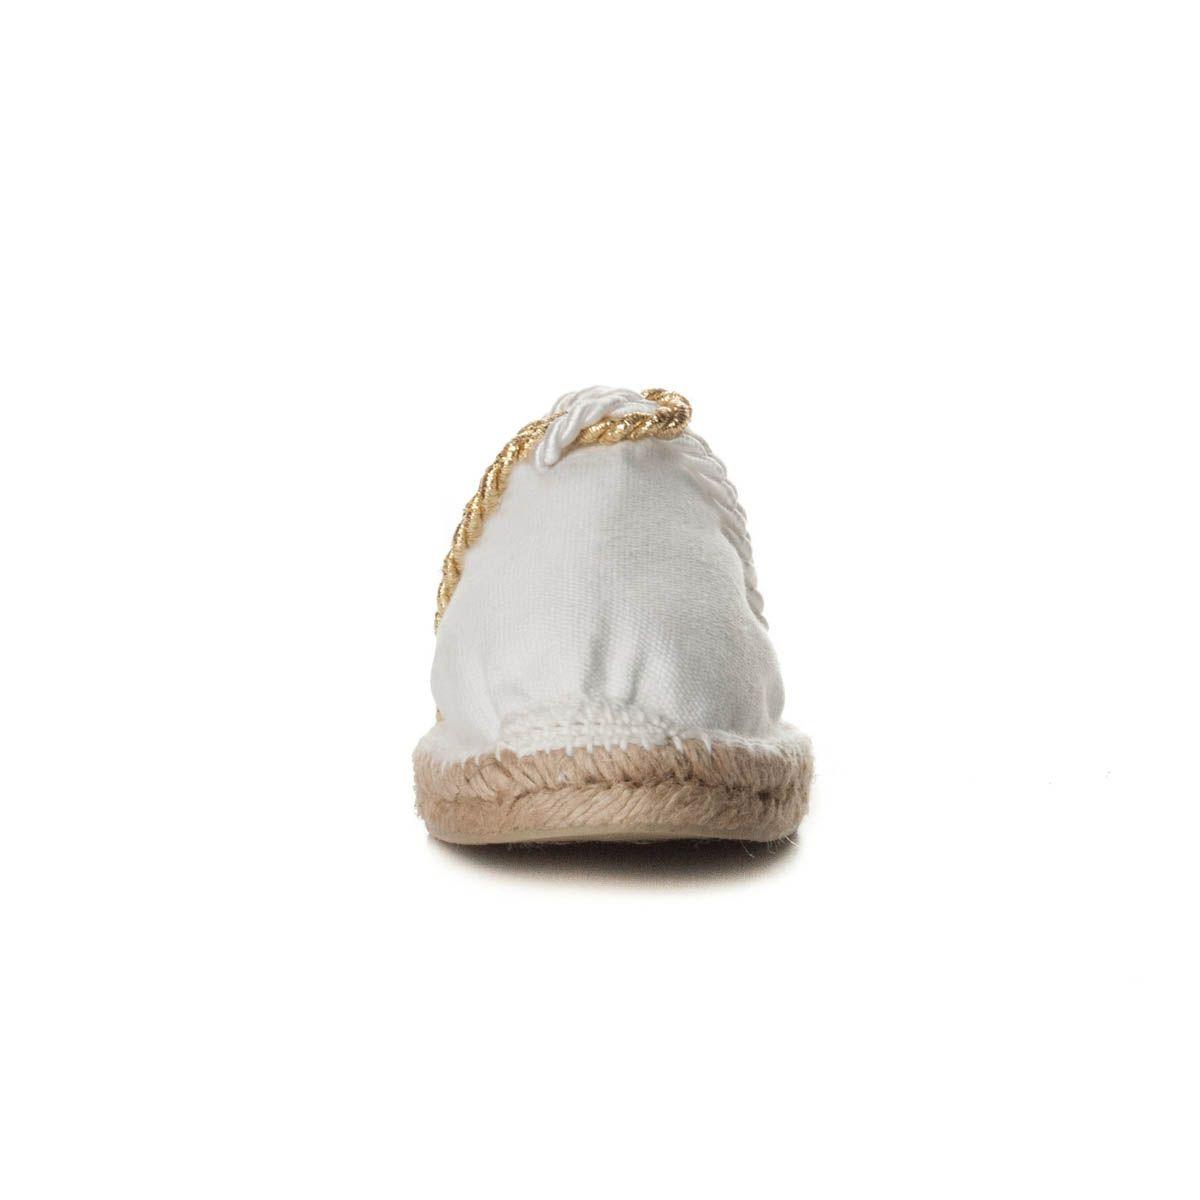 Maria Graor Artisanal Espadrille in White